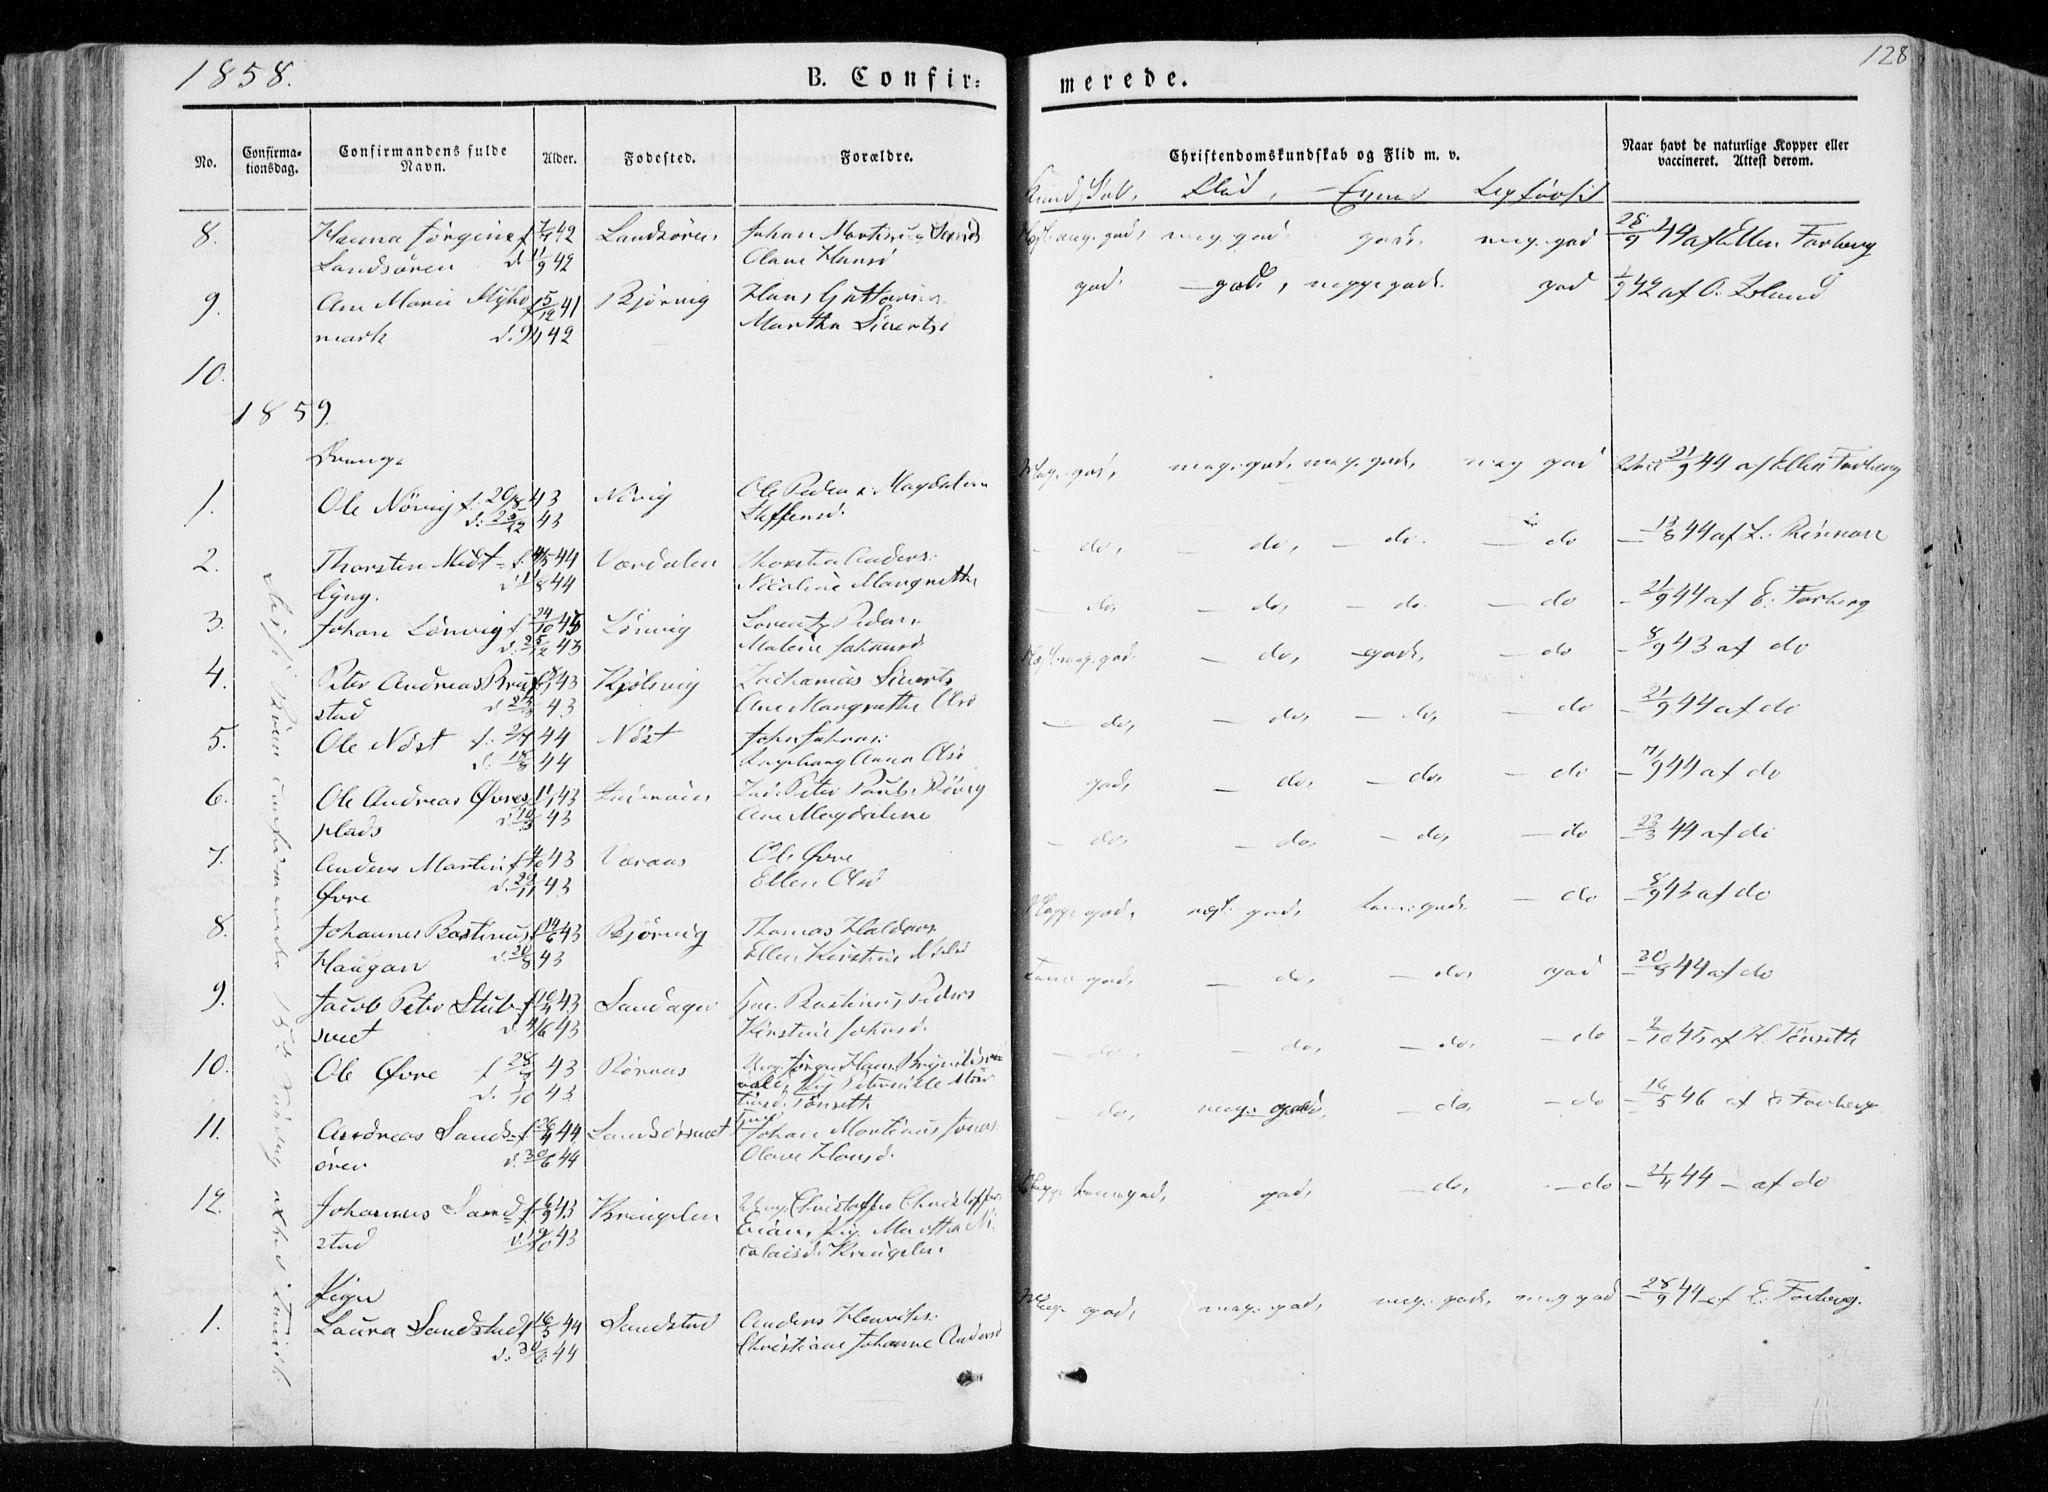 SAT, Ministerialprotokoller, klokkerbøker og fødselsregistre - Nord-Trøndelag, 722/L0218: Ministerialbok nr. 722A05, 1843-1868, s. 128